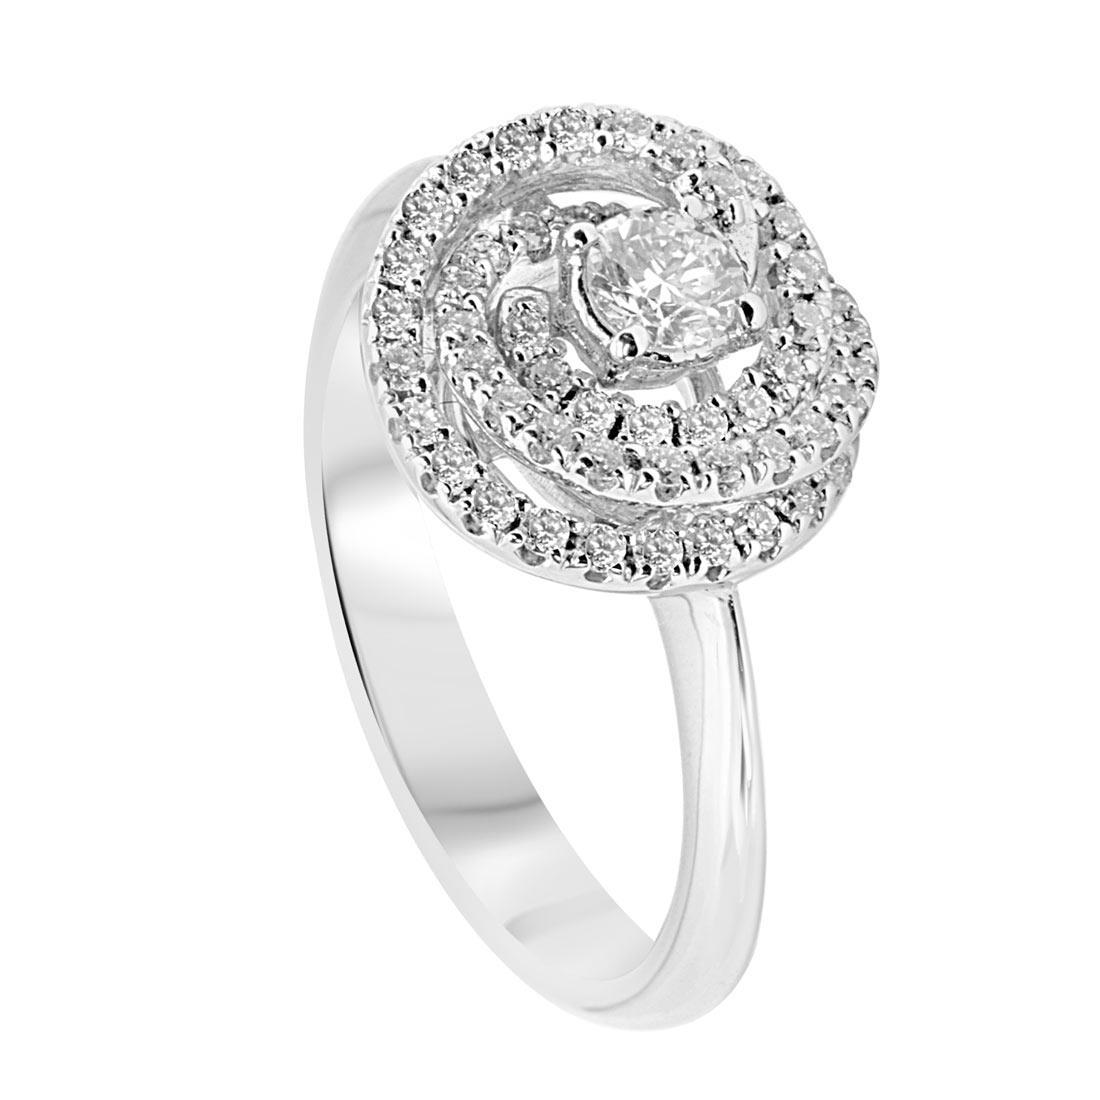 Anello in oro bianco con diamanti 0.52 ct mis 14 - ALFIERI & ST. JOHN